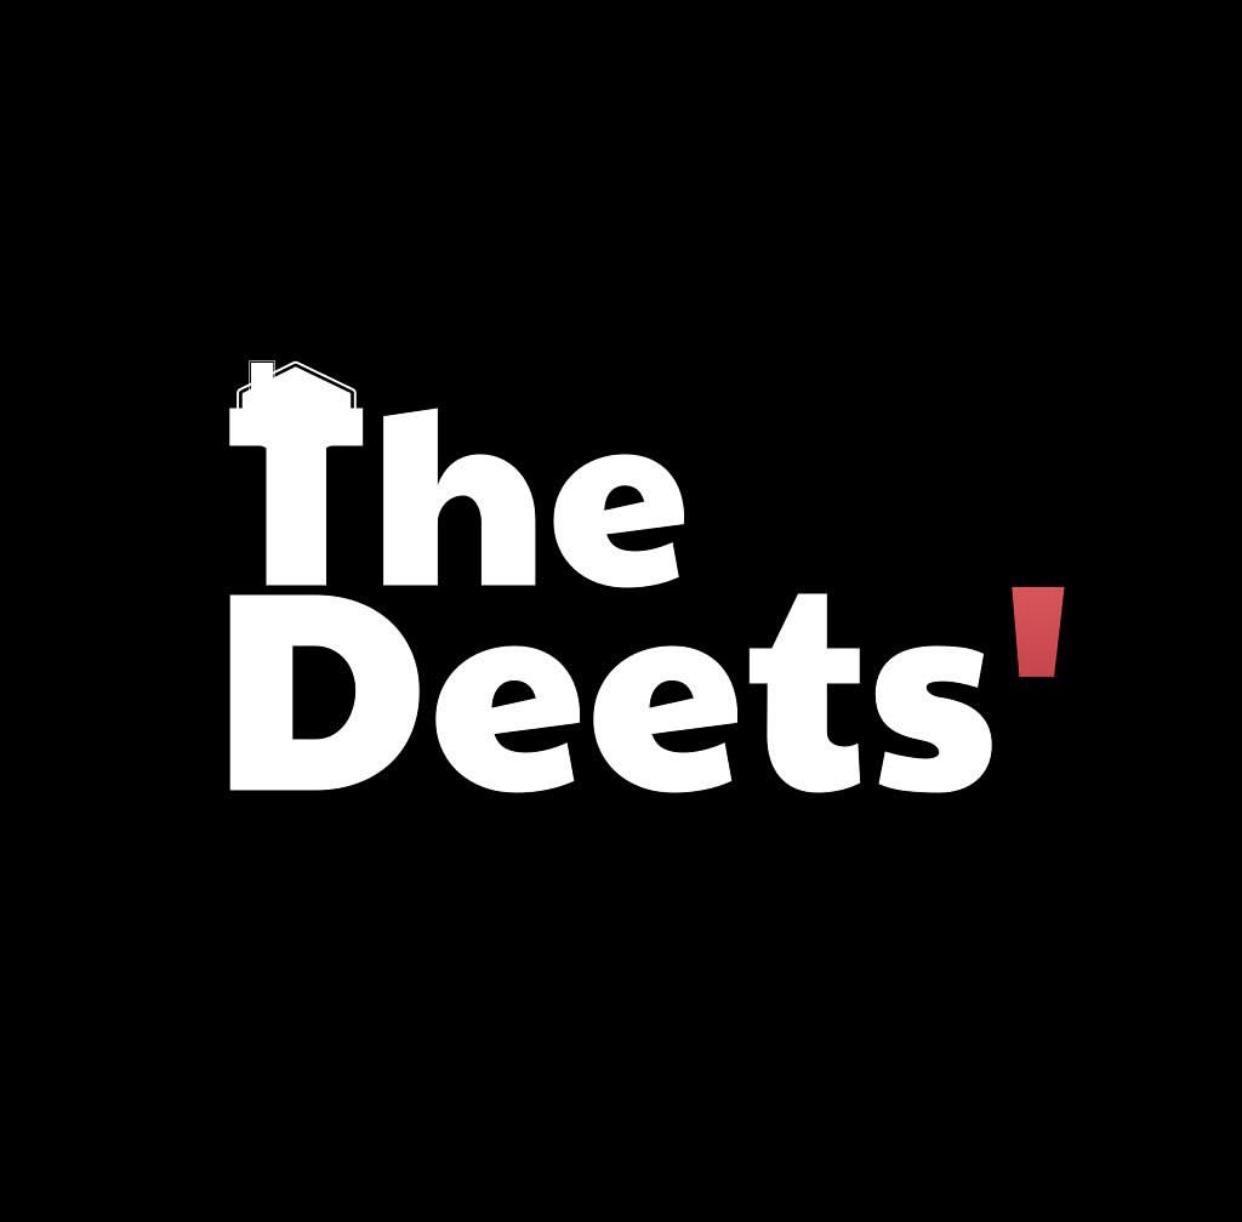 The Deets' (2020)